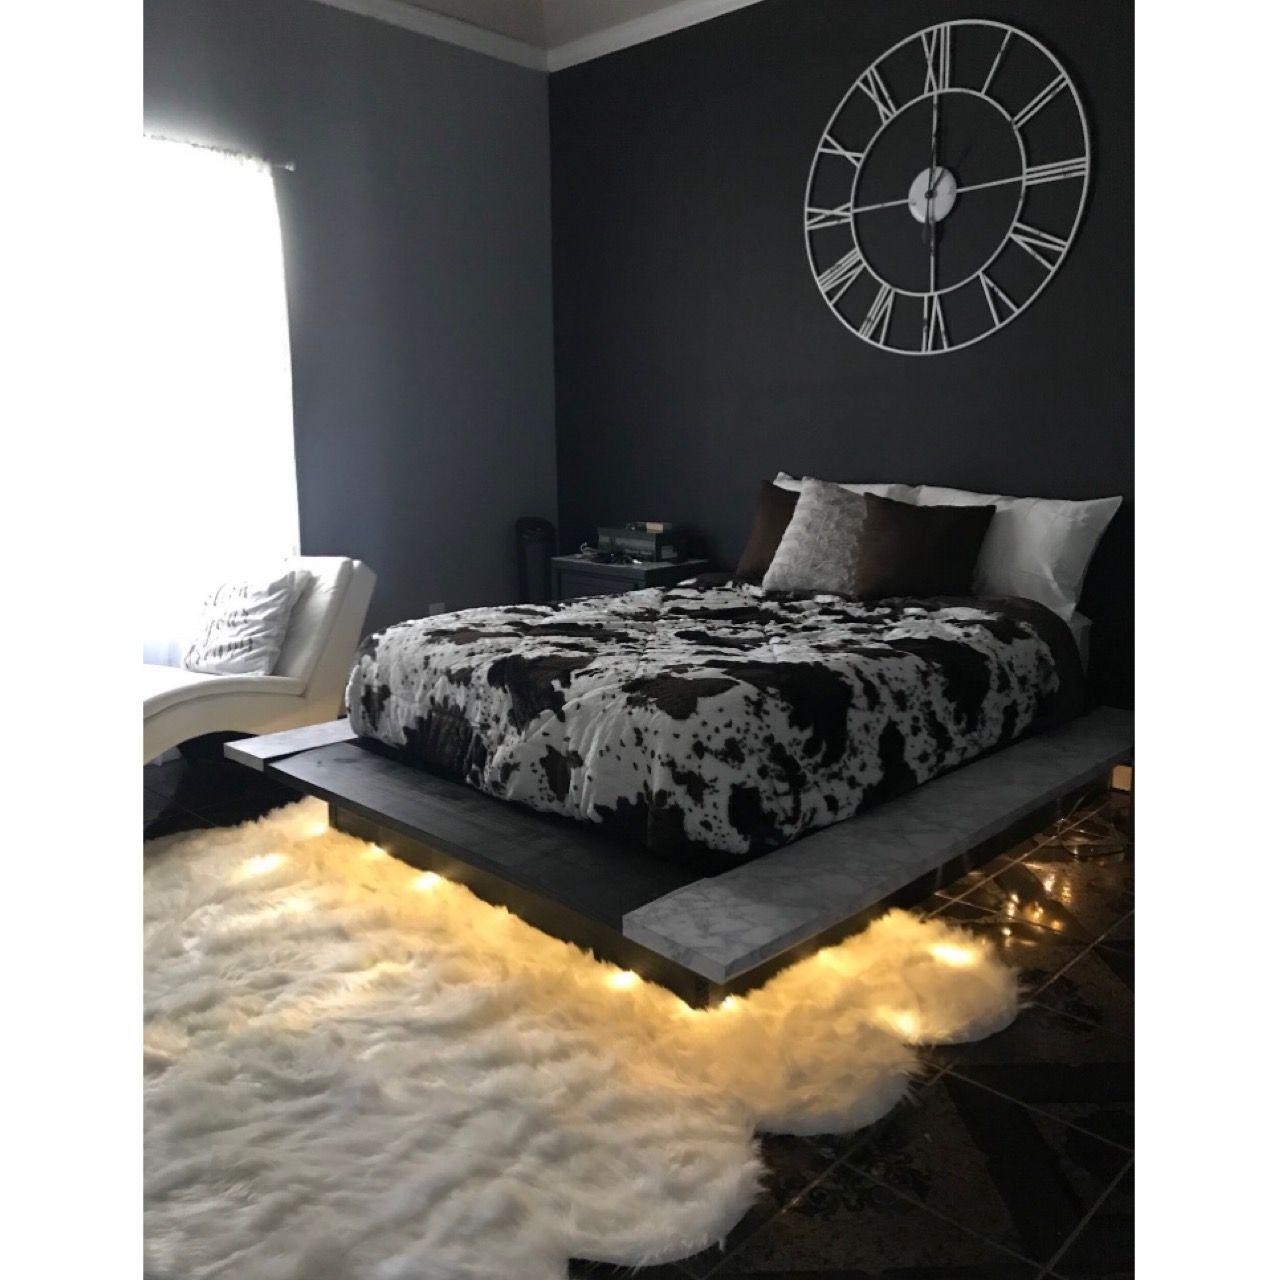 Bed Frame Is Fuegoo